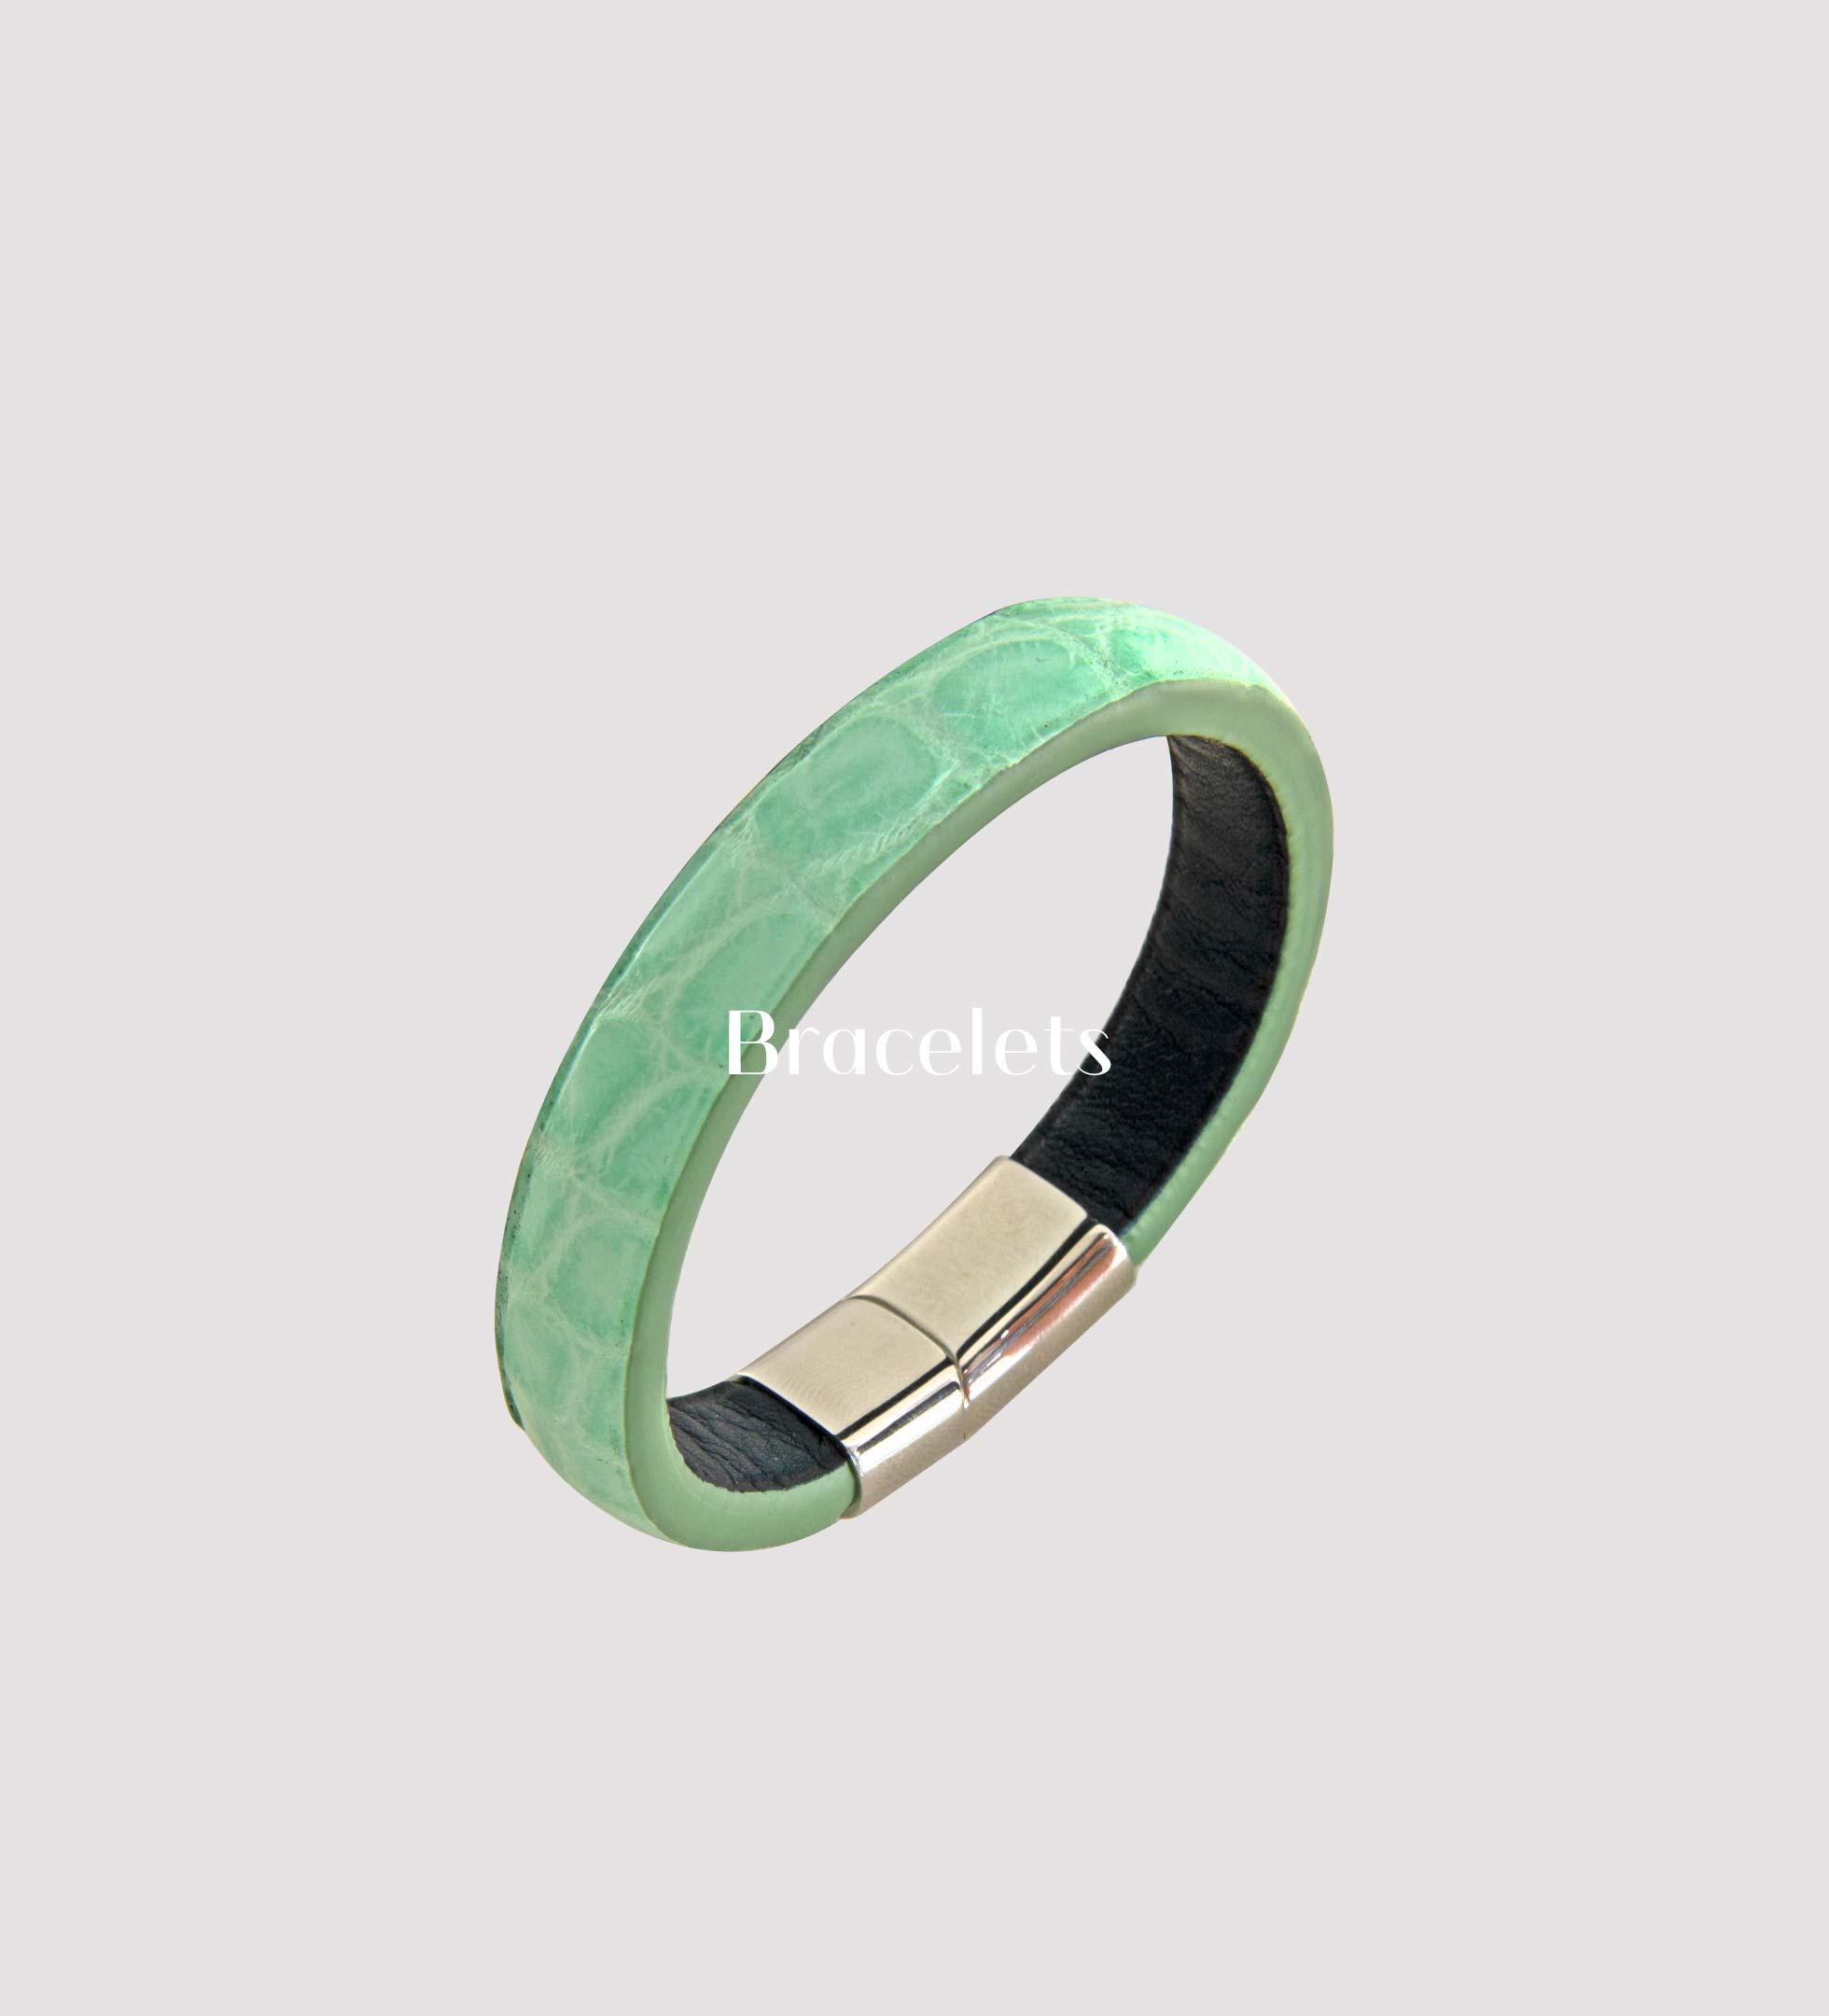 crivellaro fiche produits braceletsv4 femmes 490x540